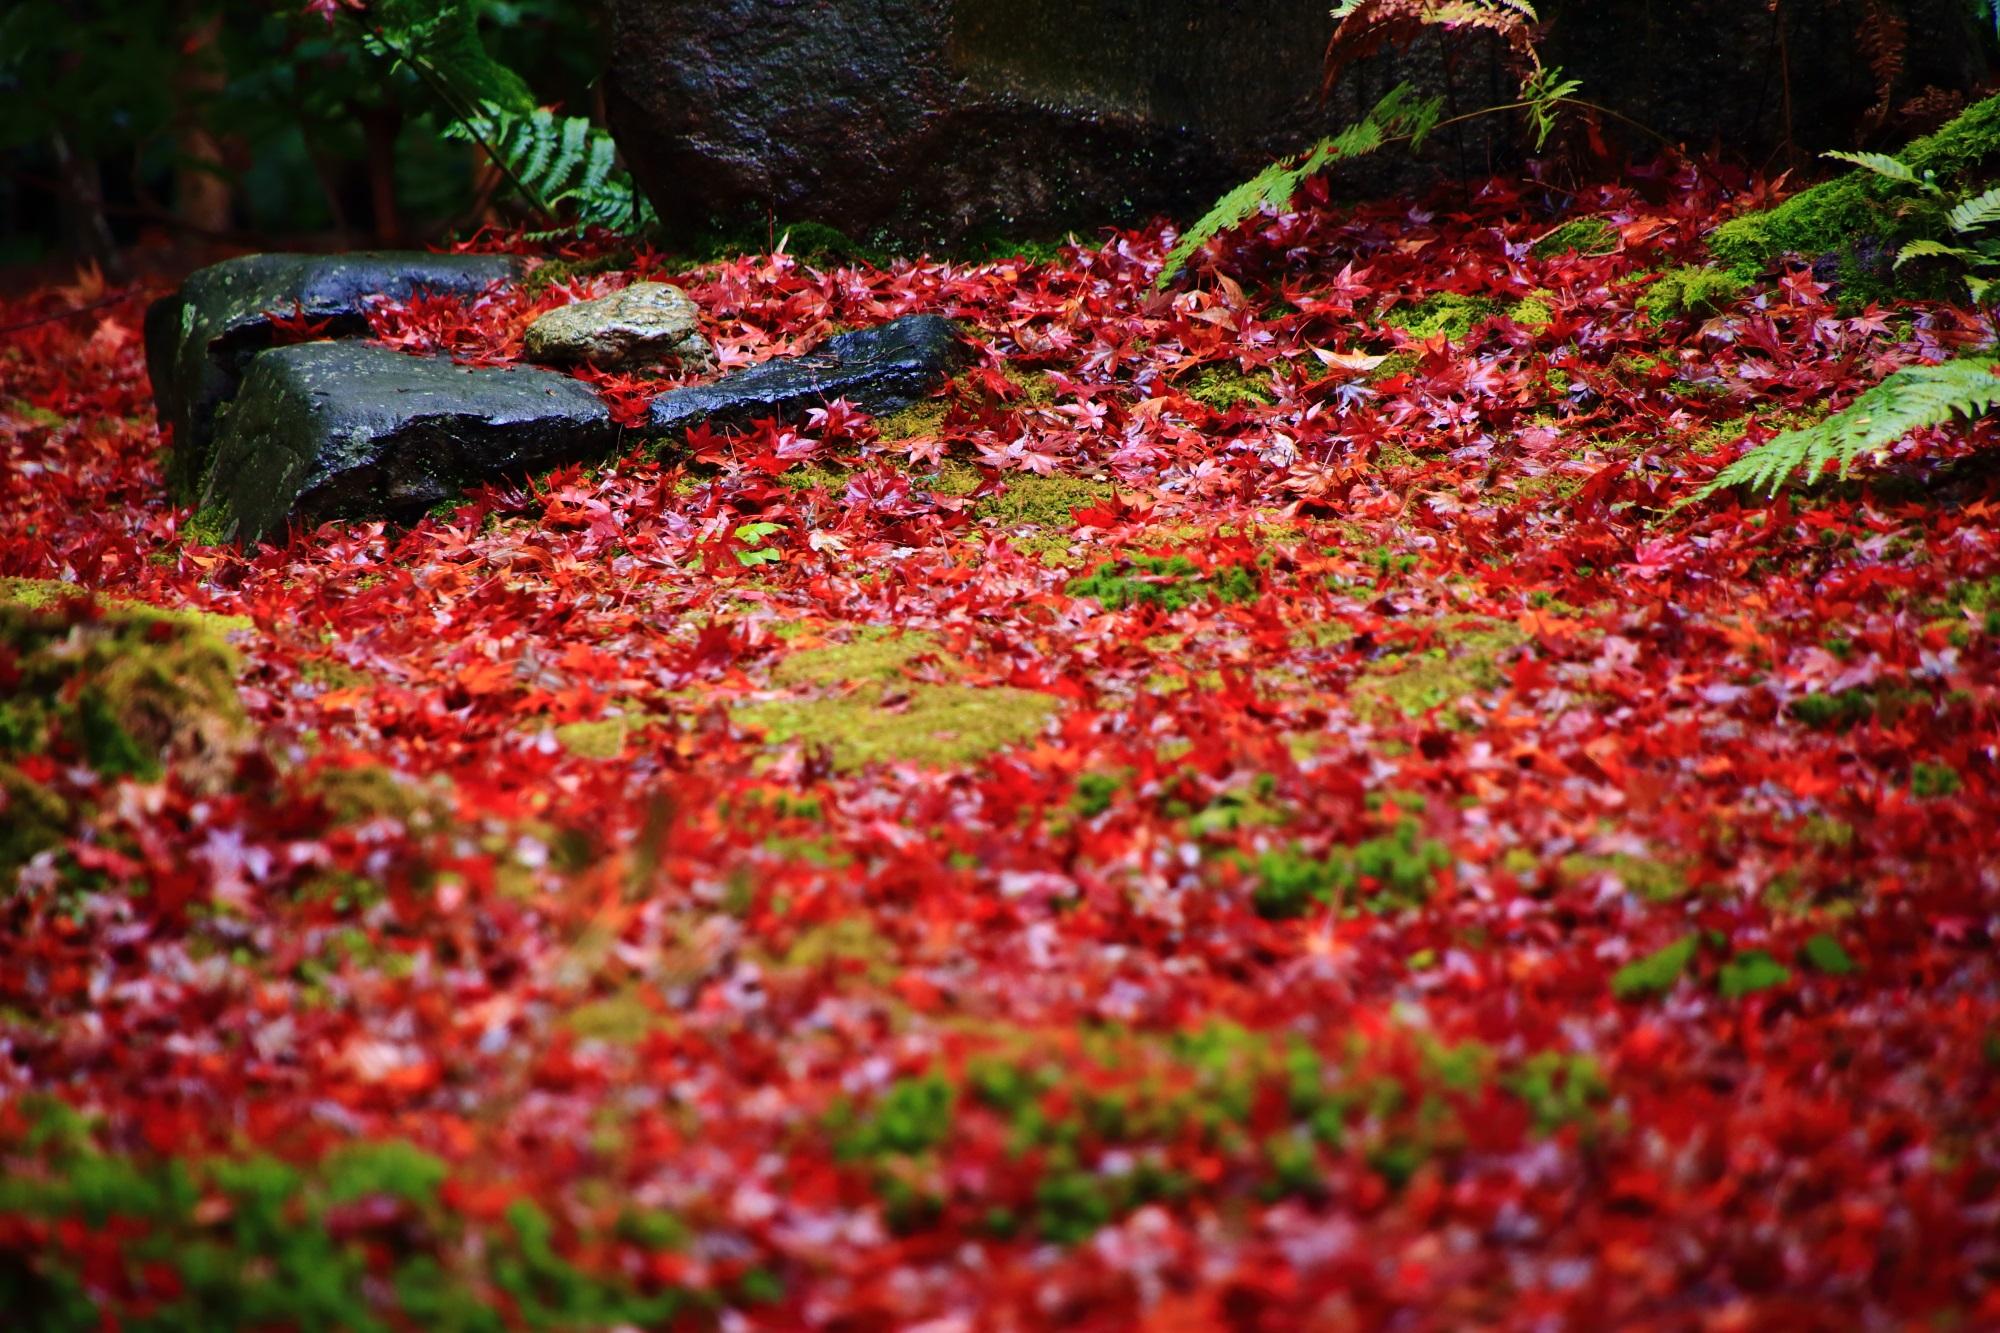 美しい散り紅葉につつまれた直指庵の苔庭